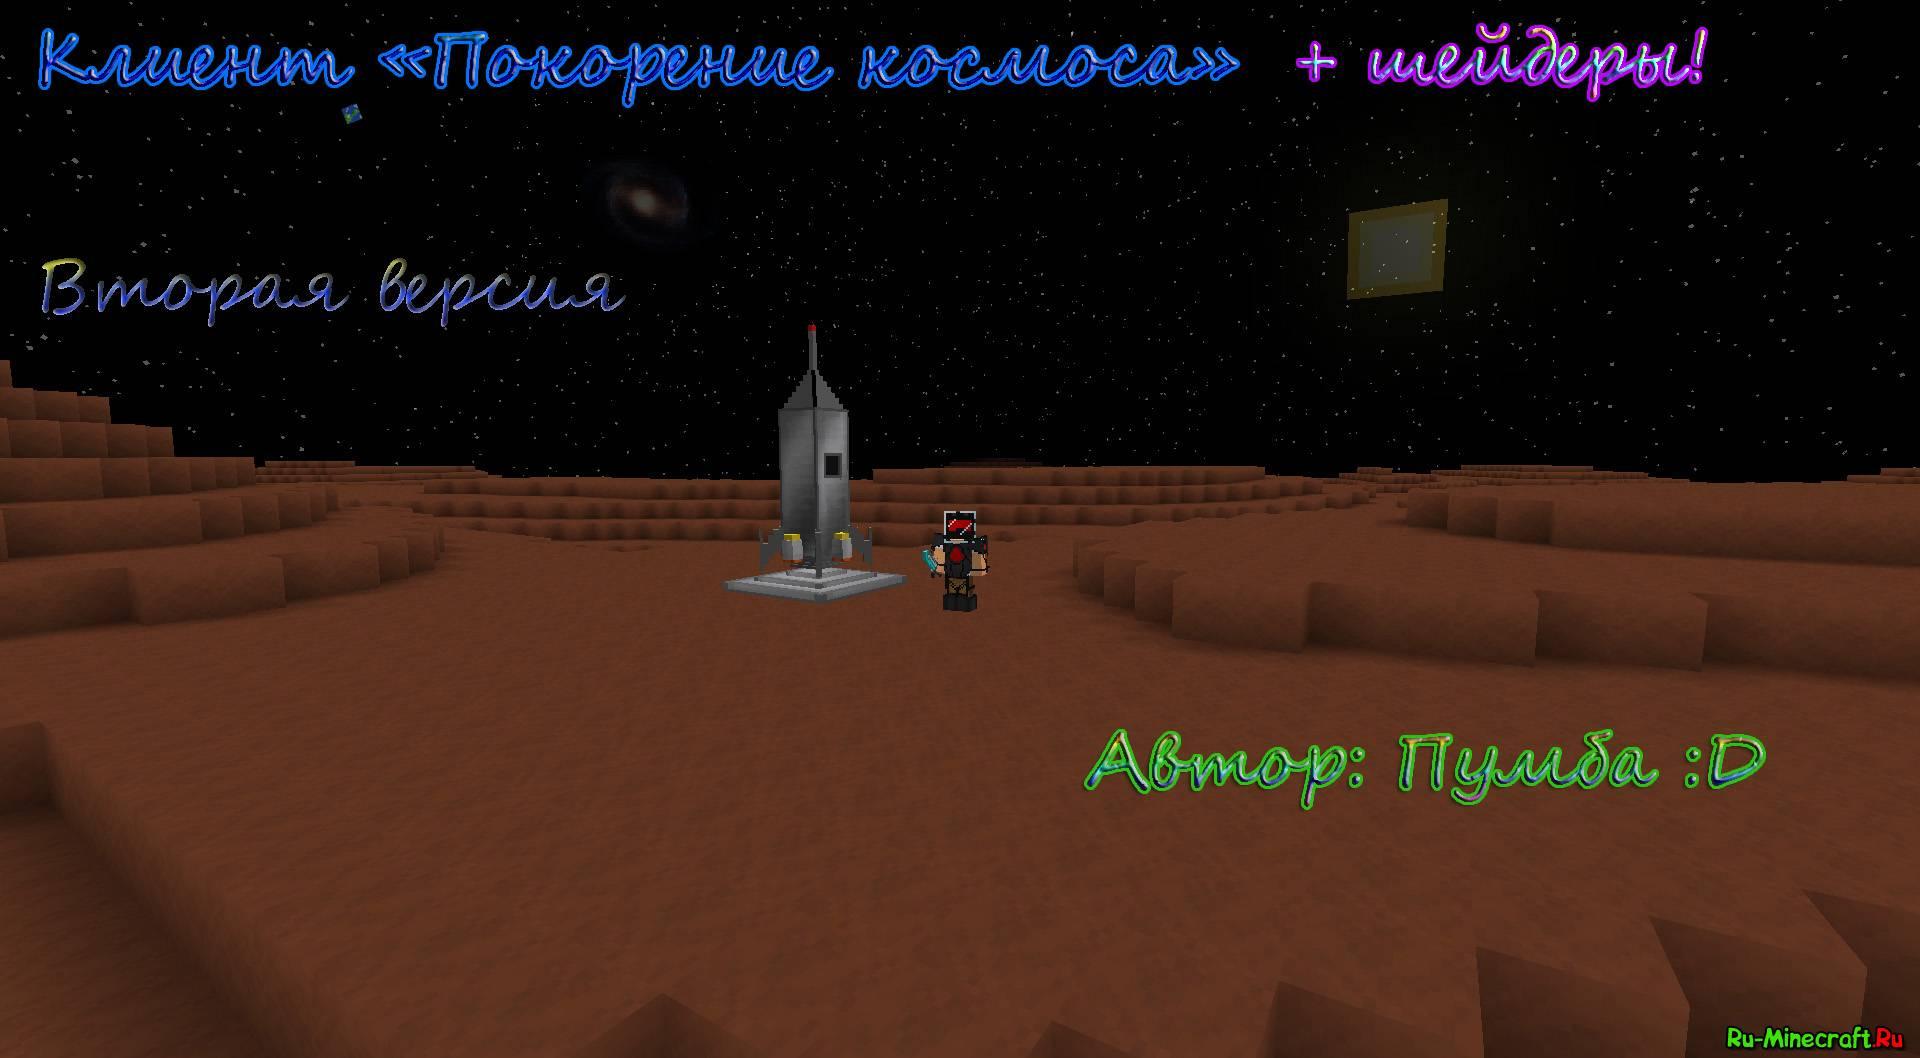 Скачать Мод на Космоc для Minecraft 1.7.2